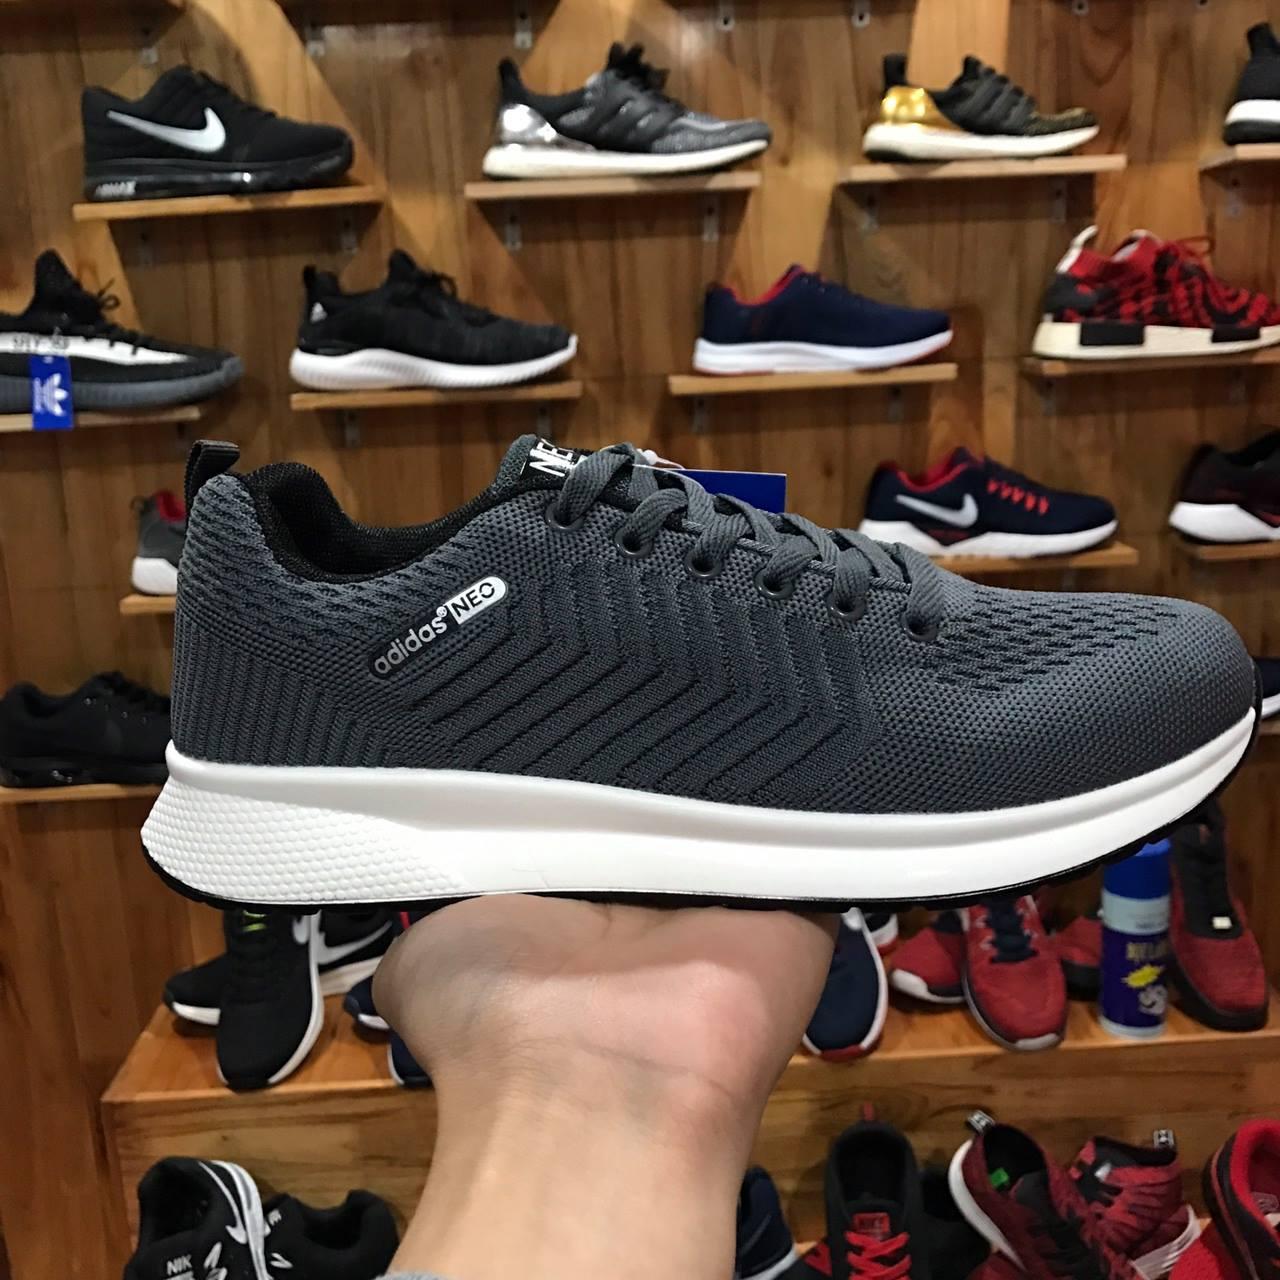 Giày Adidas Neo xám đậm mũi tên